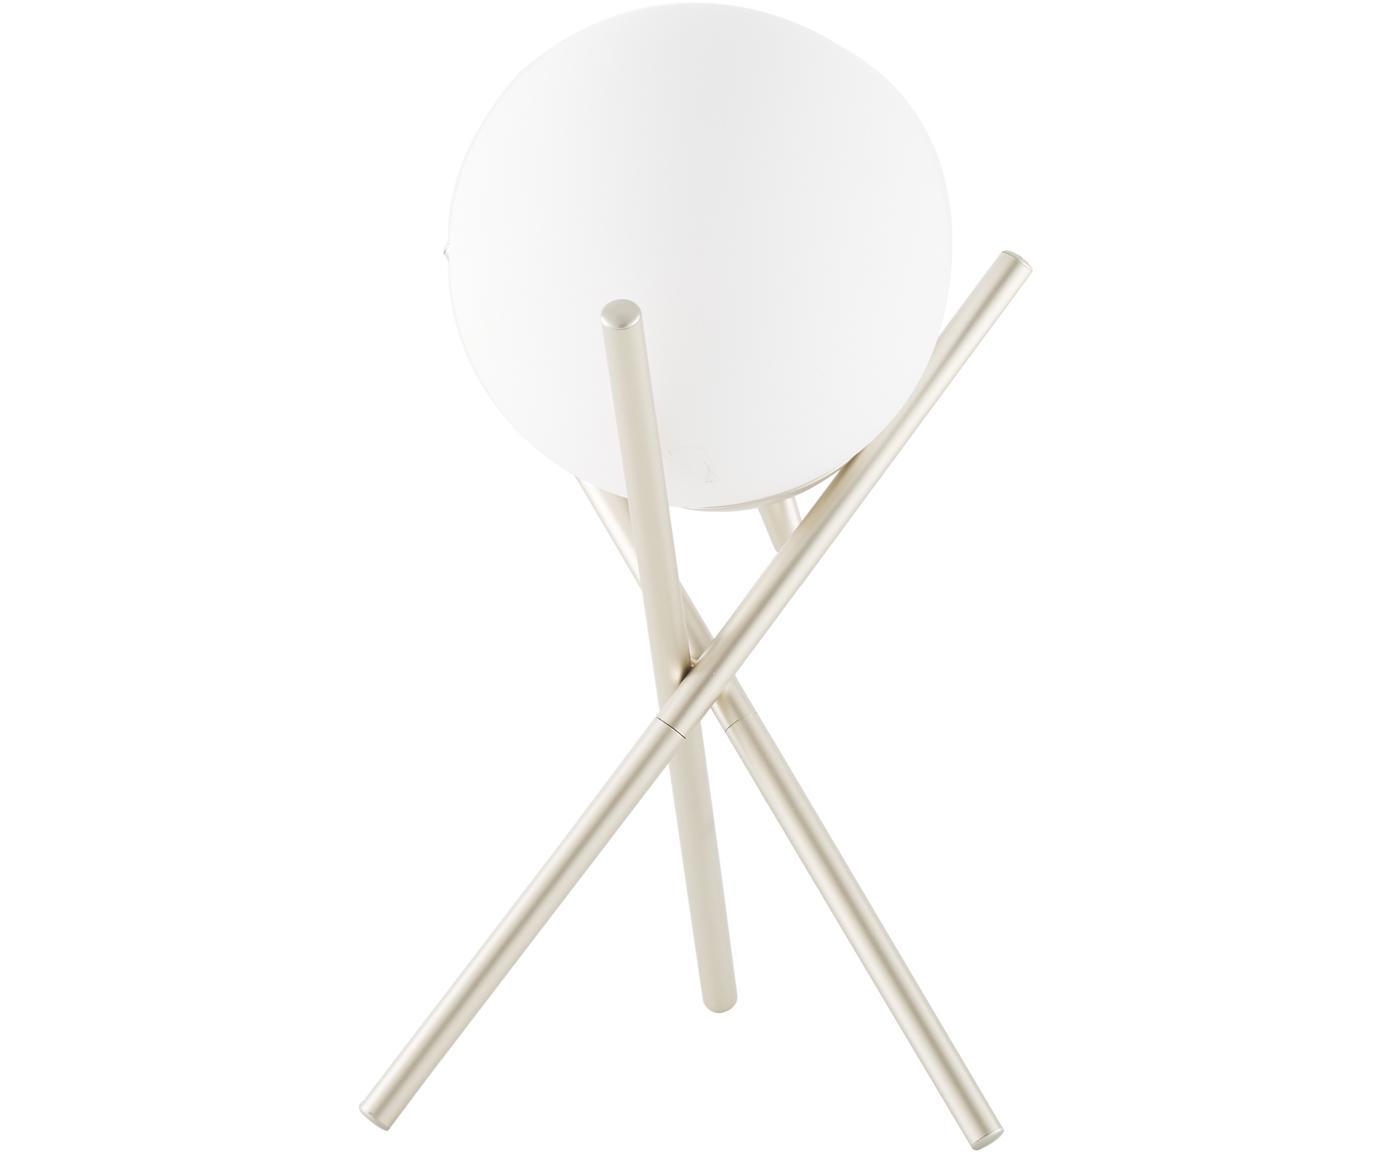 Tripod Tischleuchte Erik mit Glasschirm, Lampenschirm: Glas, Lampenfuß: Metall, lackiert, Weiß, Champagnerfarben, Ø 15 x H 33 cm